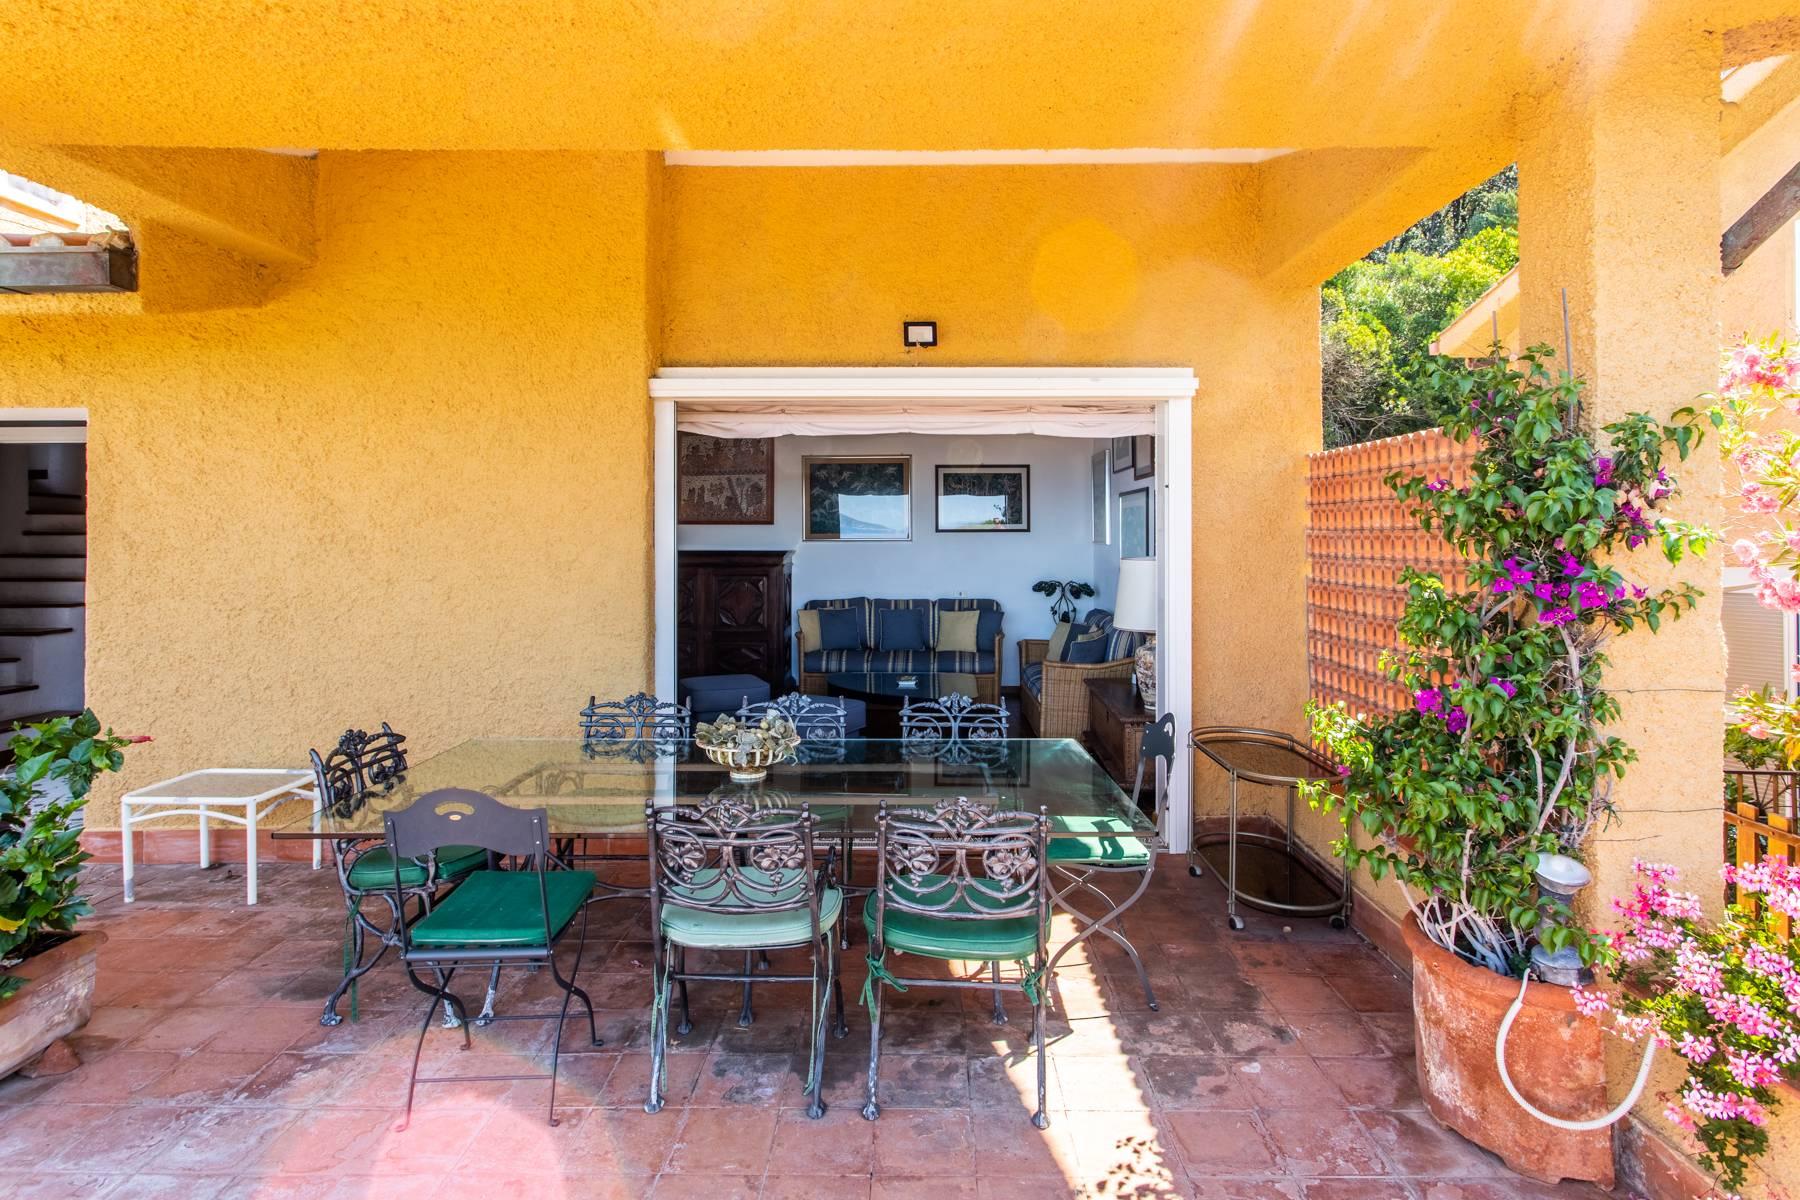 Casa indipendente in Vendita a Monte Argentario: 5 locali, 200 mq - Foto 6